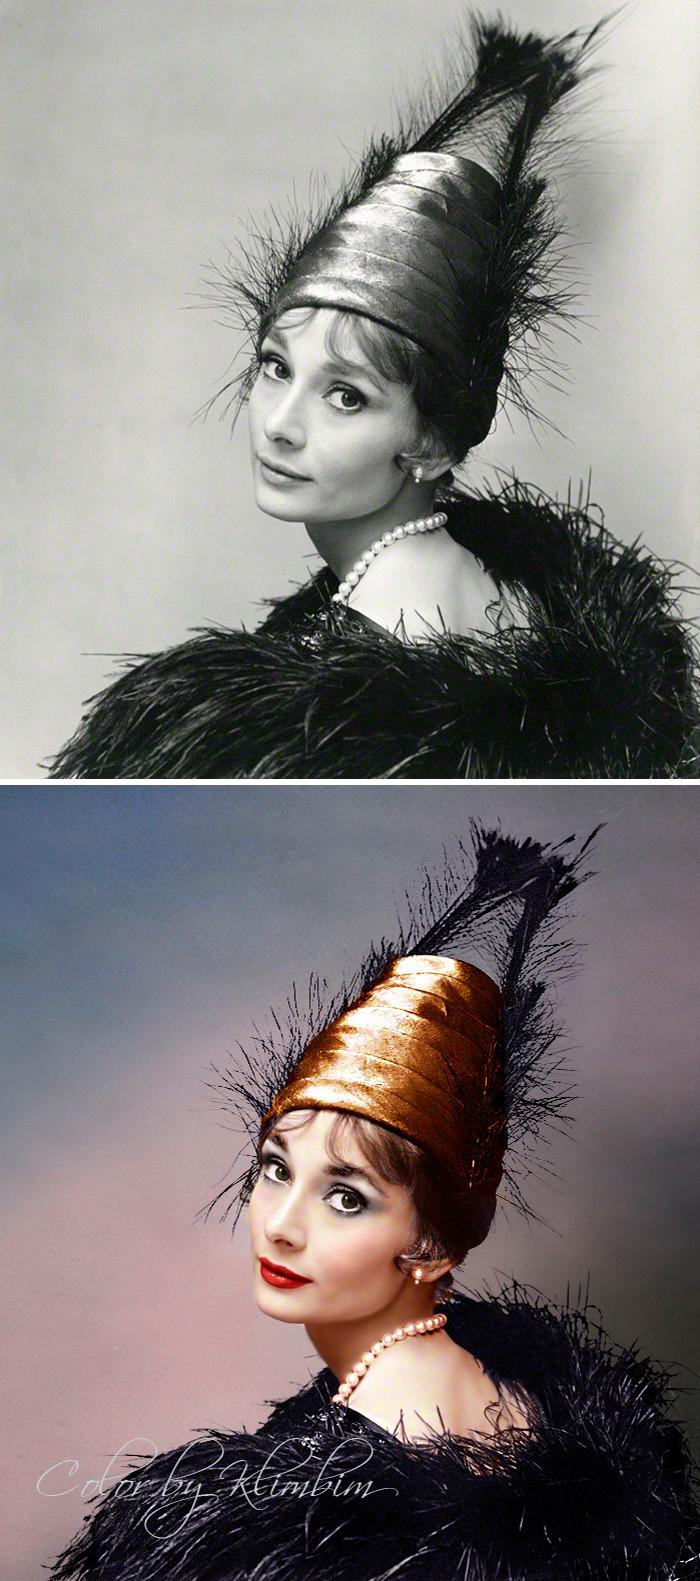 #28 Audrey Hepburn